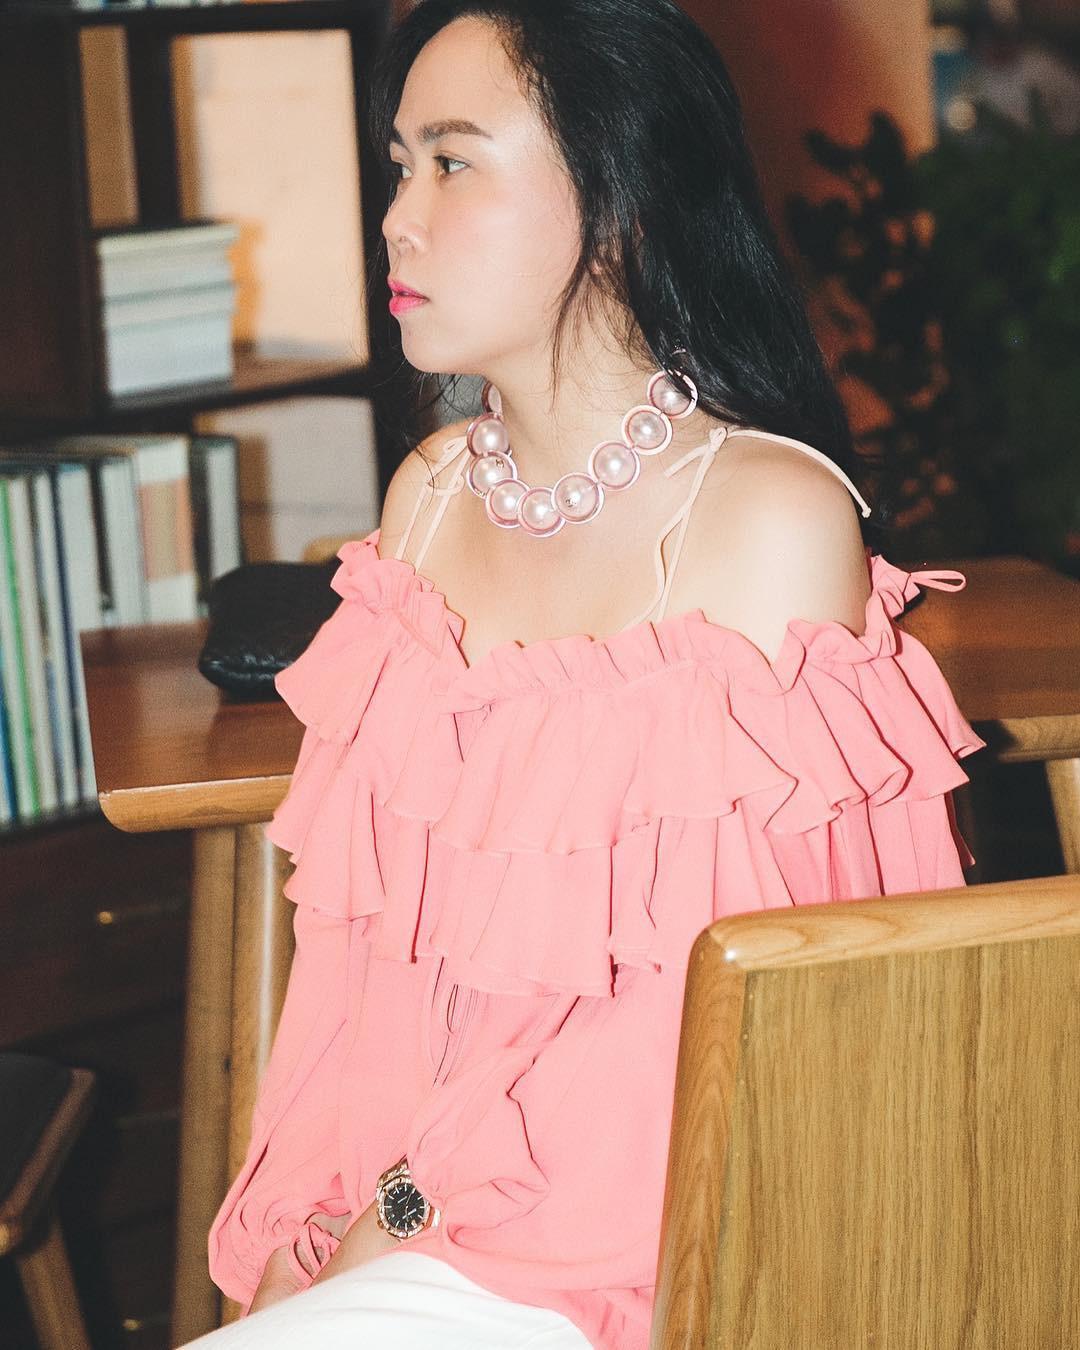 4 lý do khiến Phượng Chanel thường xuyên mix đồ tréo ngoe, chị em công sở nhớ kỹ để tránh mặc xấu-3